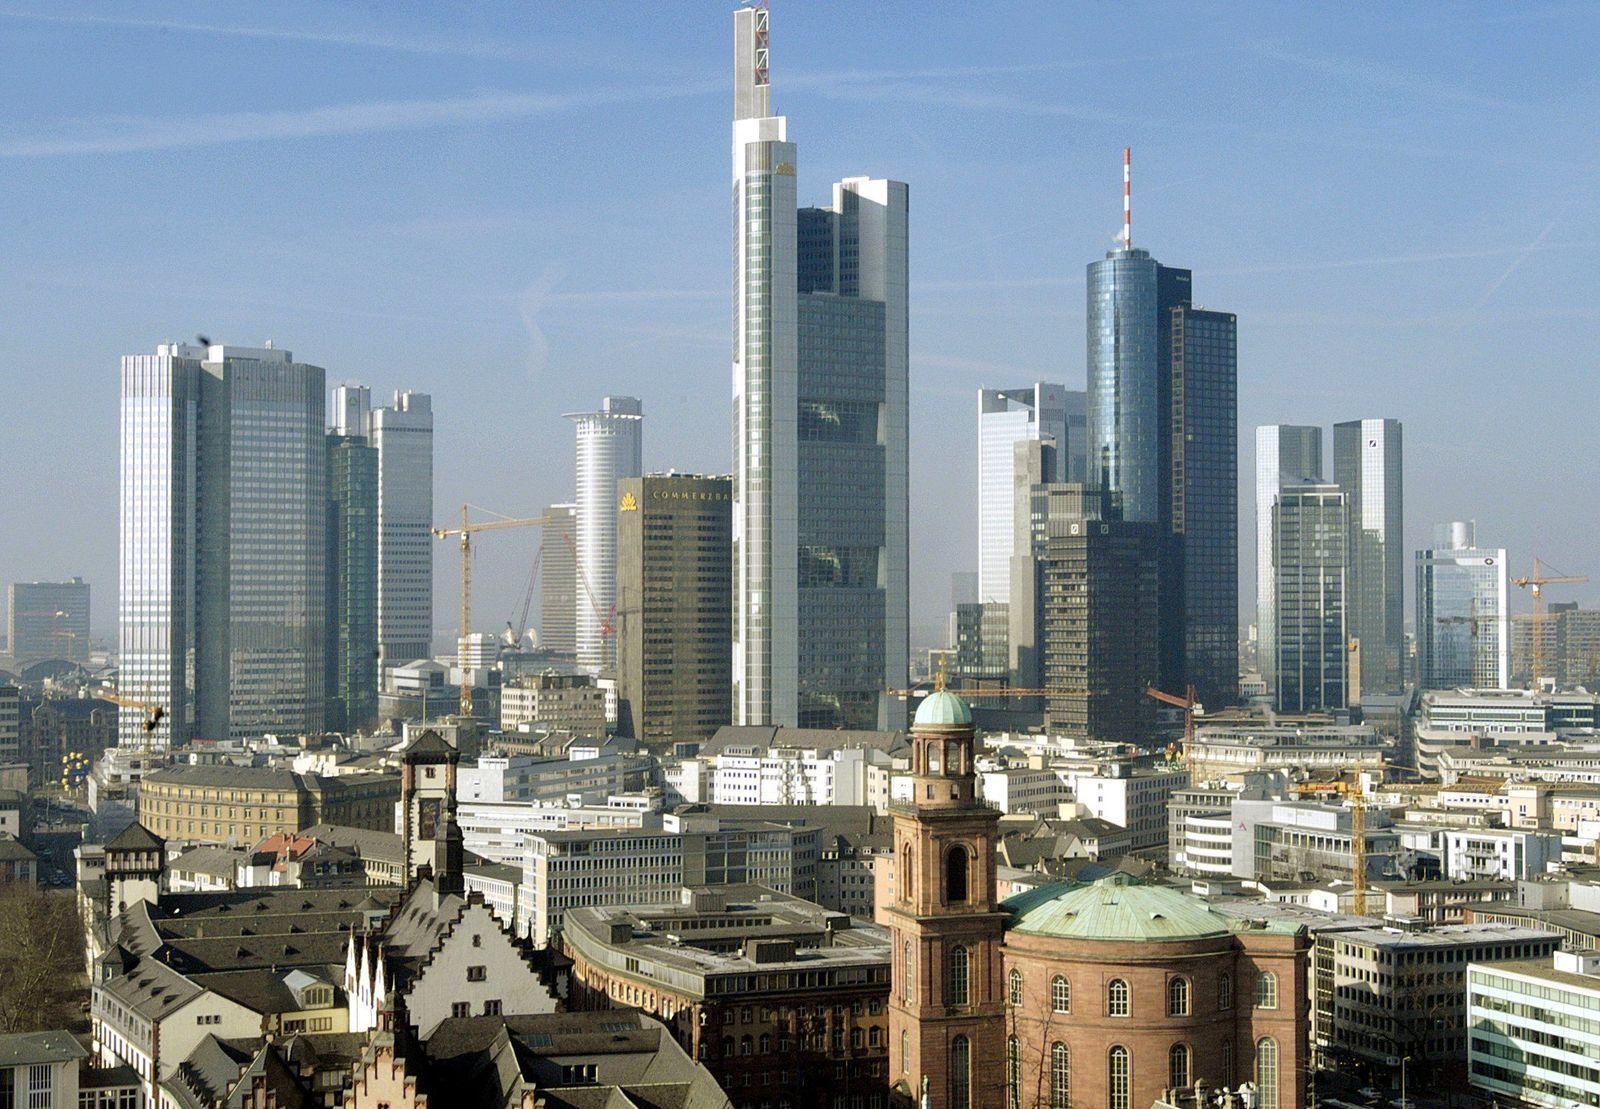 Bankenstadt Frankfurt/Main